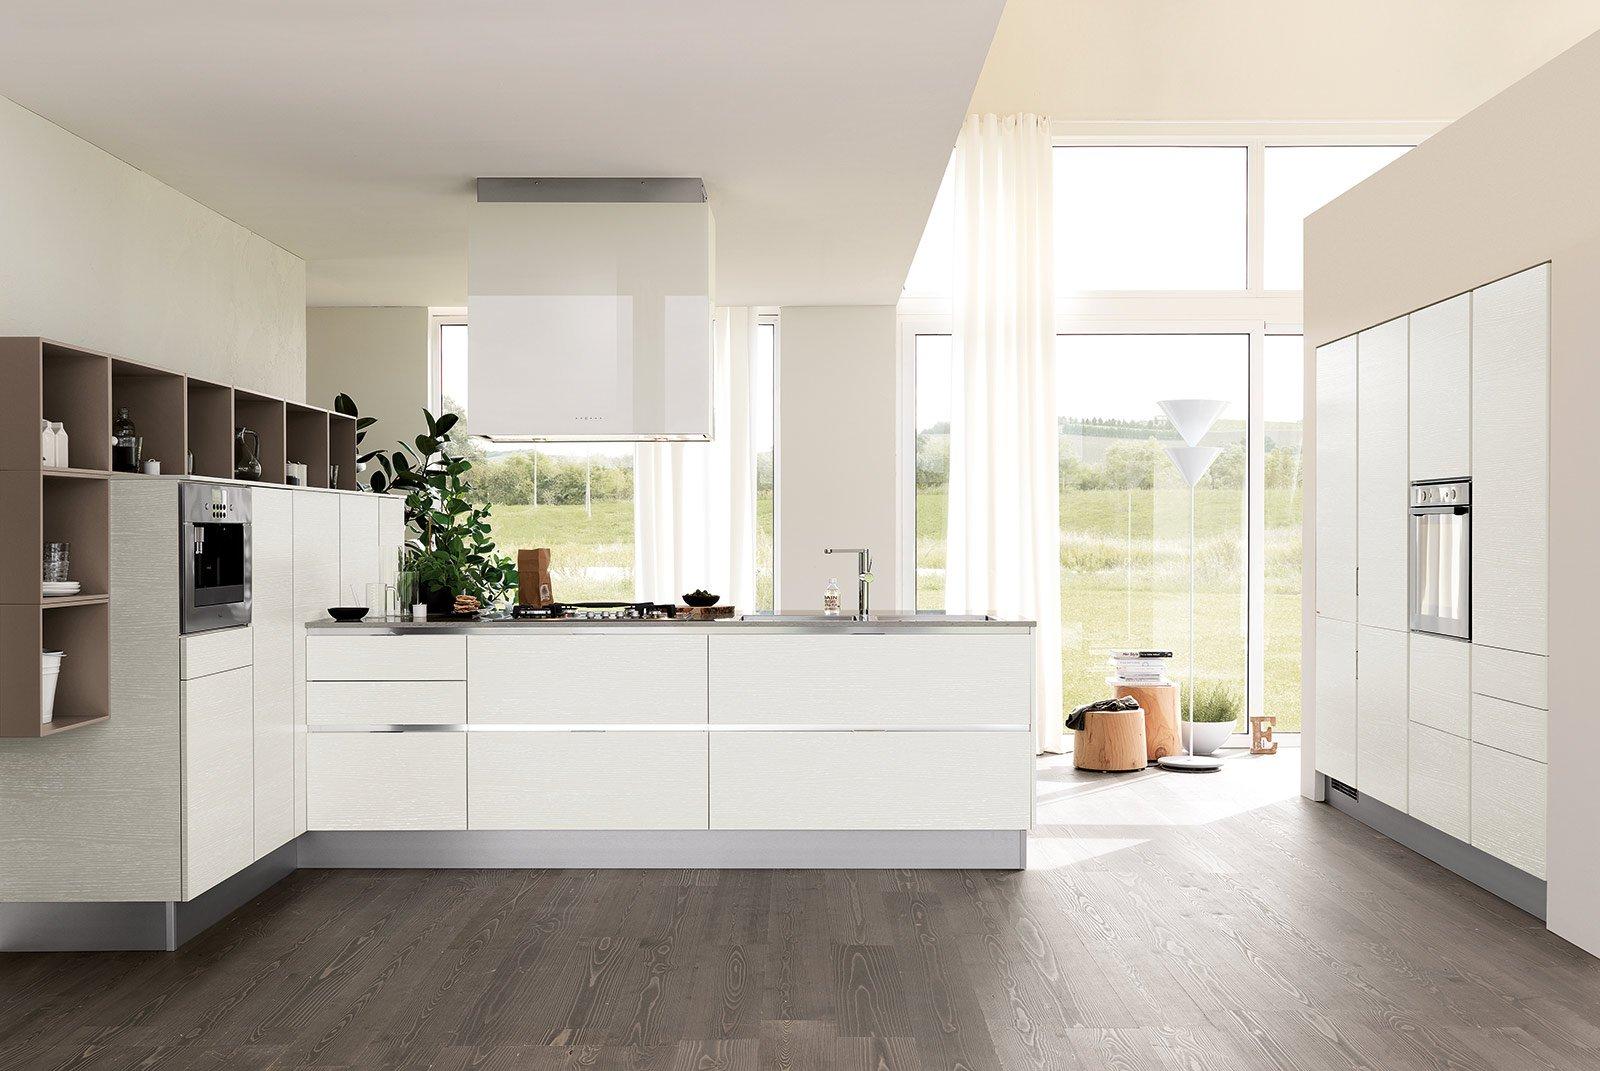 Cucine bianche moderne cose di casa - Levigare il parquet senza togliere i mobili ...